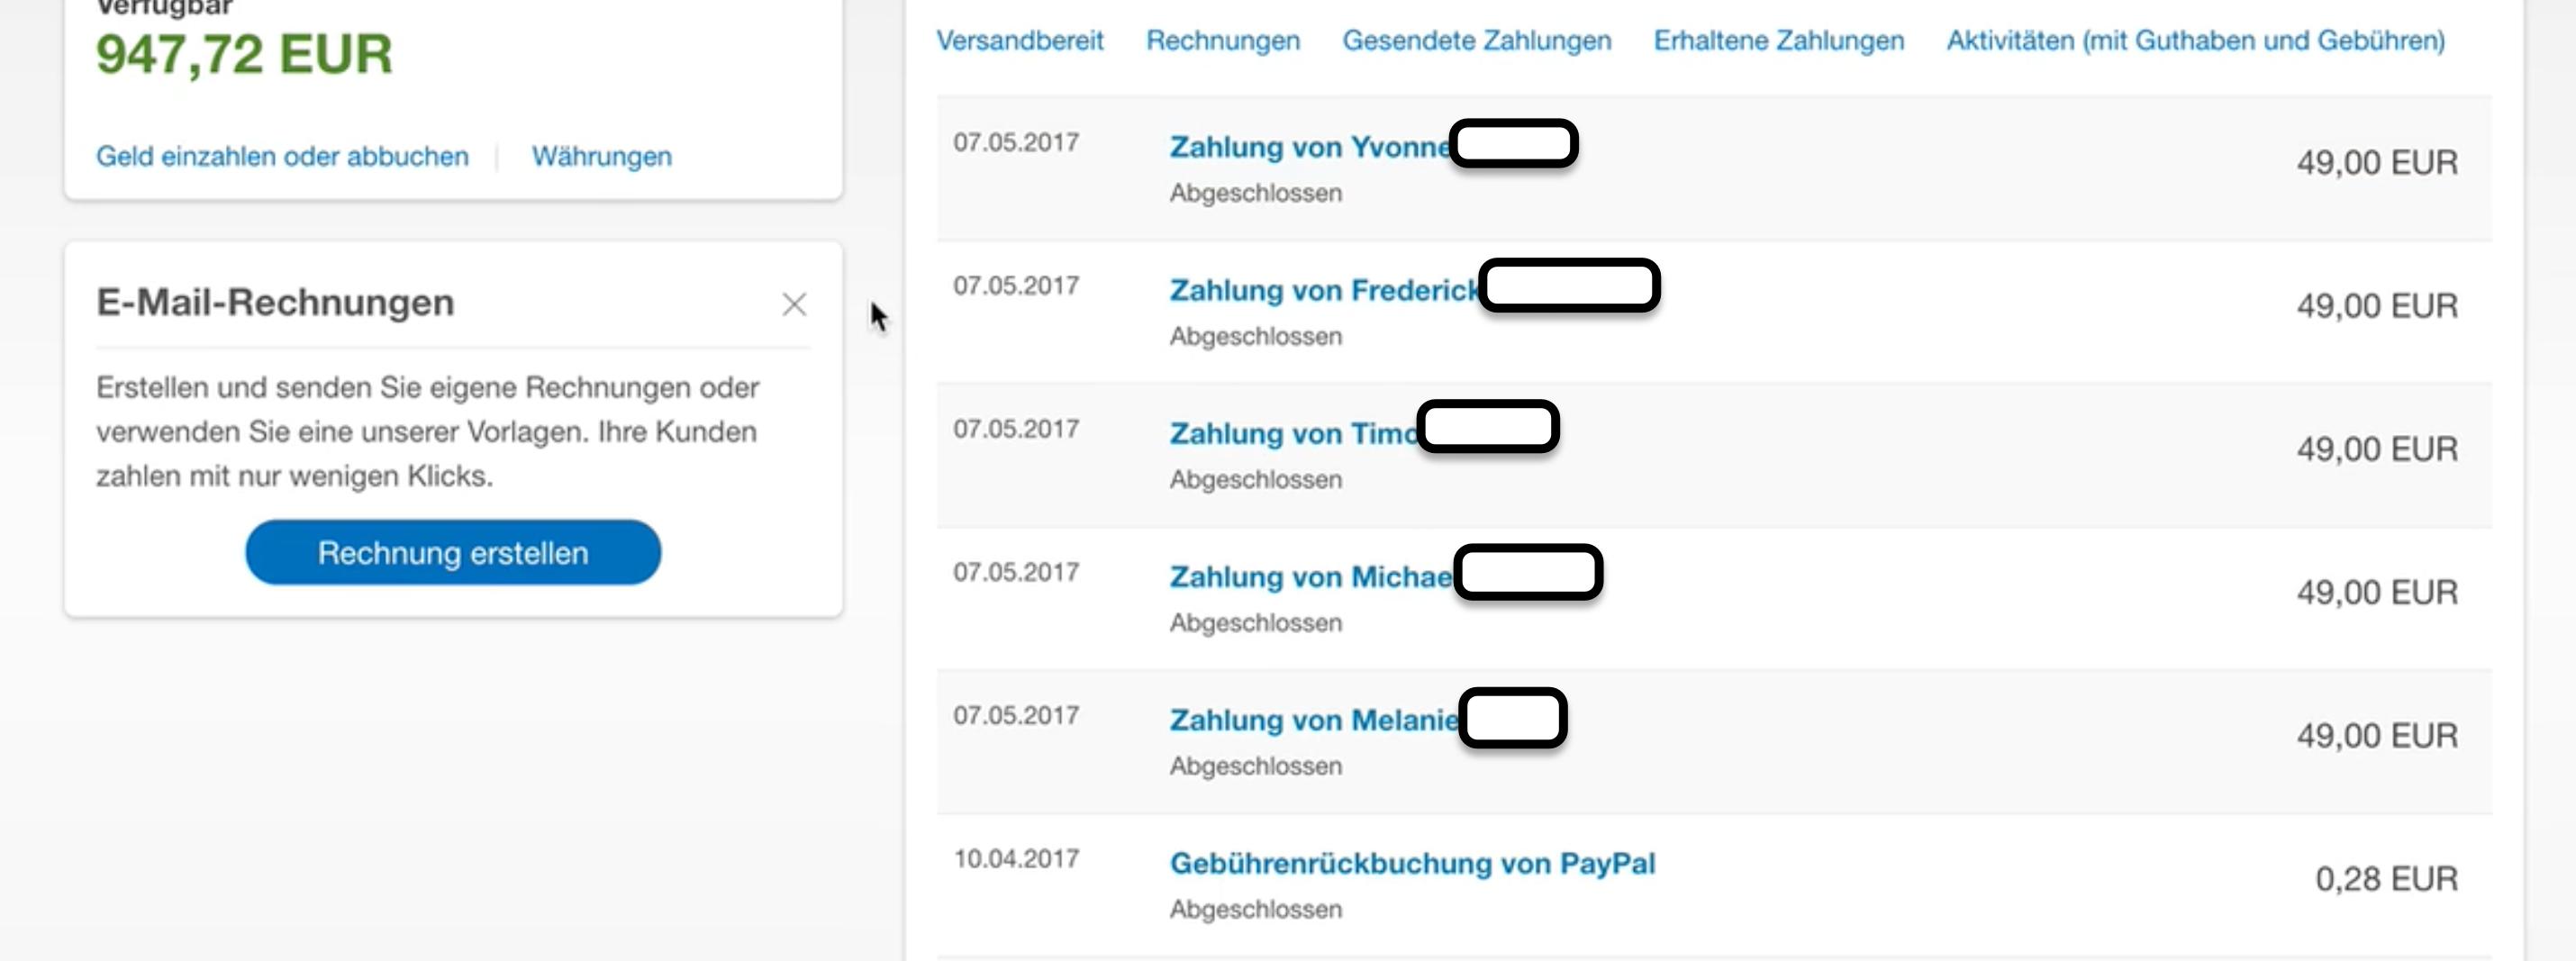 Paypal Überweisungen der 5 Verkäufe am Sonntag - Online Business aufbauen